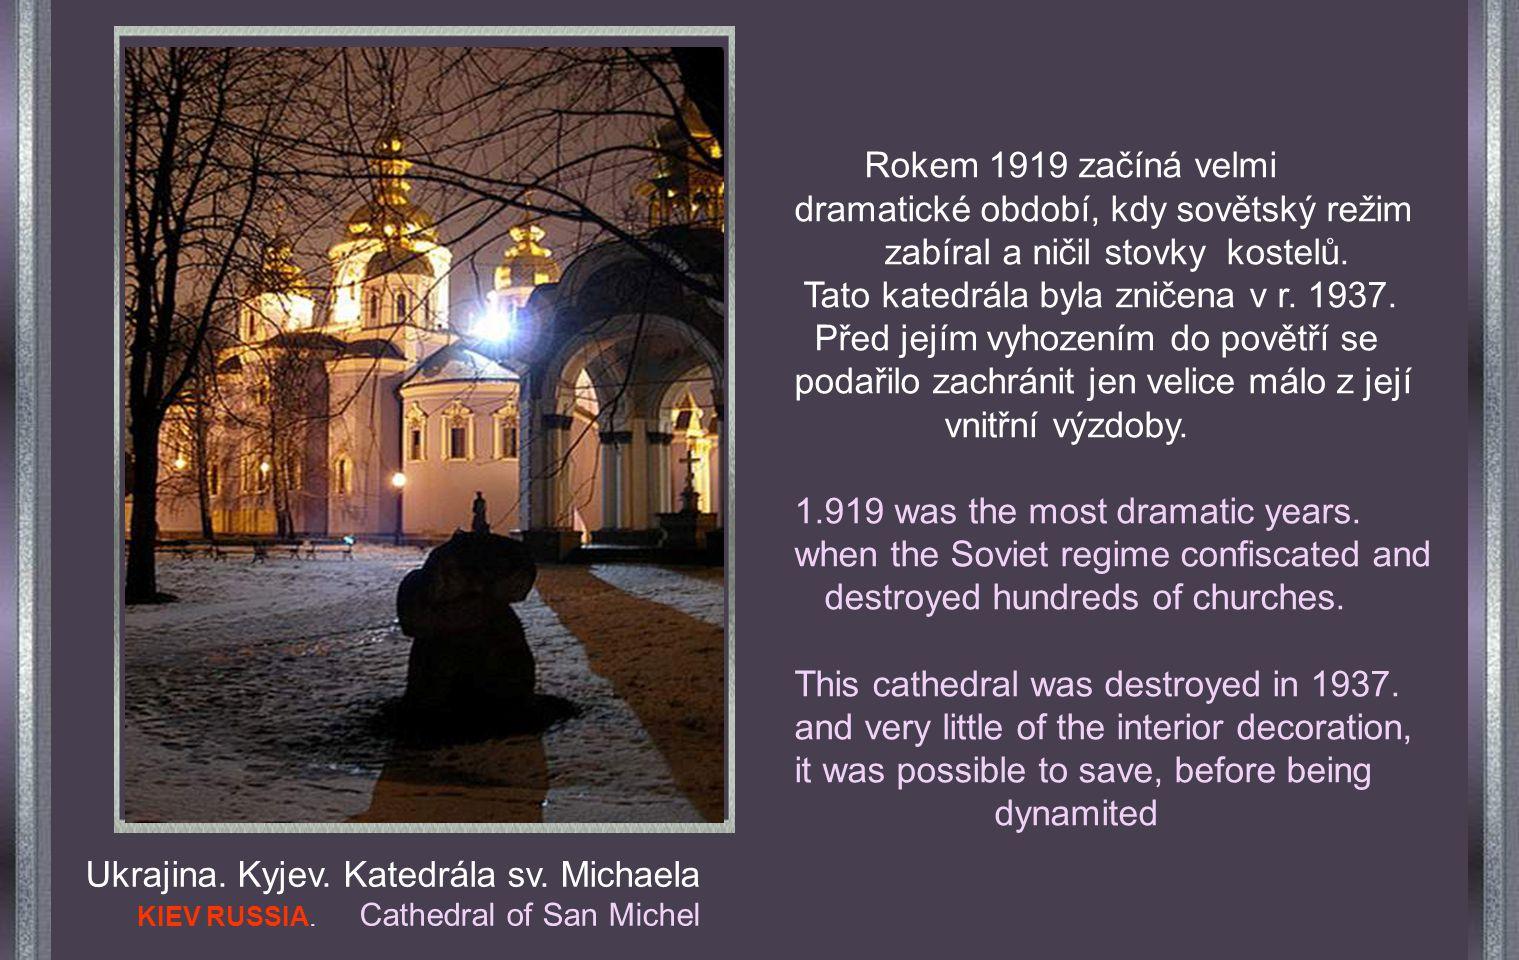 Nový chrám přesně odpovídá tomu původnímu, zničenému za Stalina.